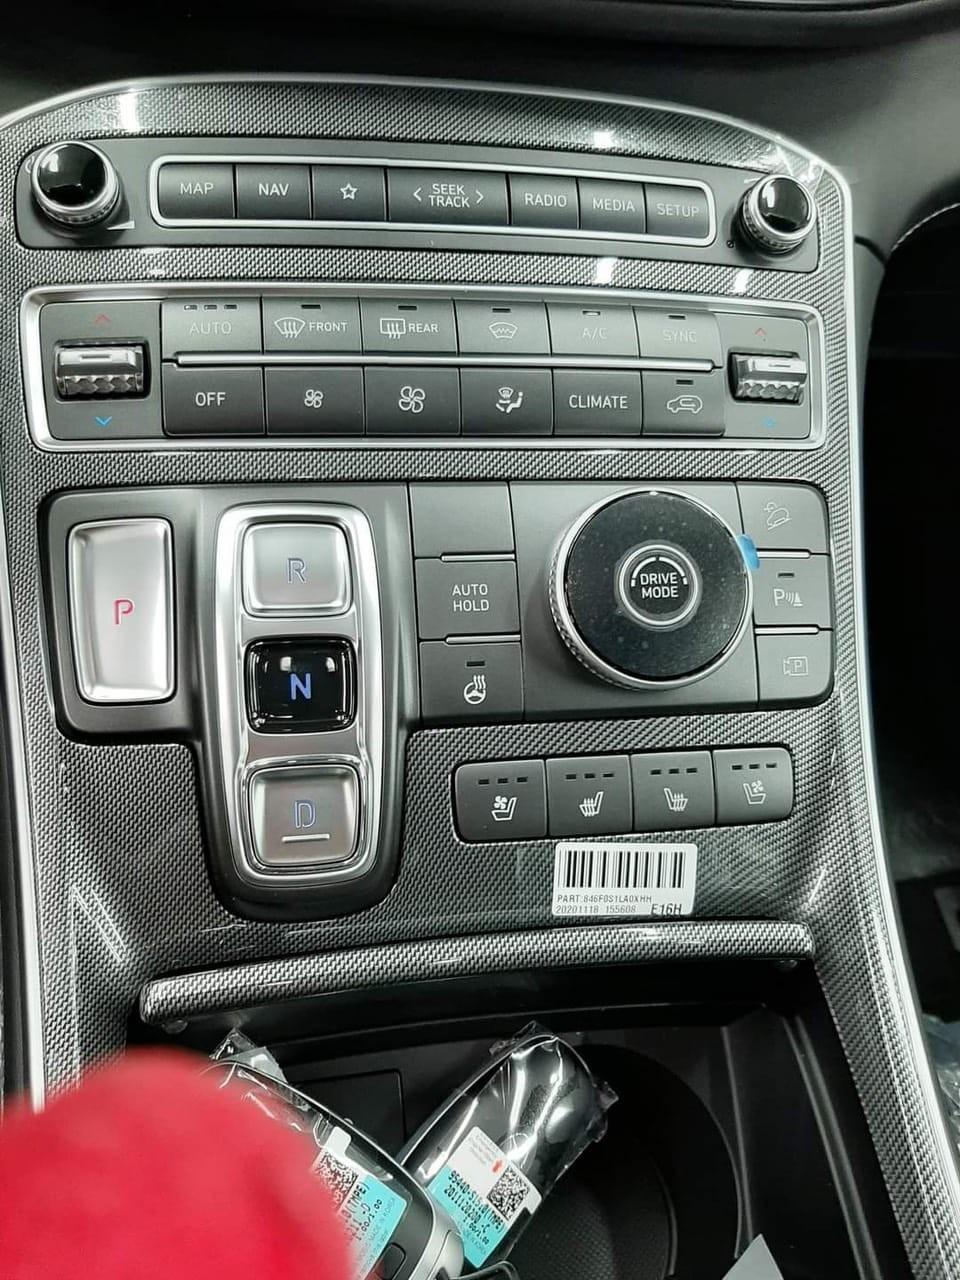 Ảnh chụp cho thấy bảng điều khiển trung tâm của xe được bao bọc bởi các chi tiết ốp giả carbon.